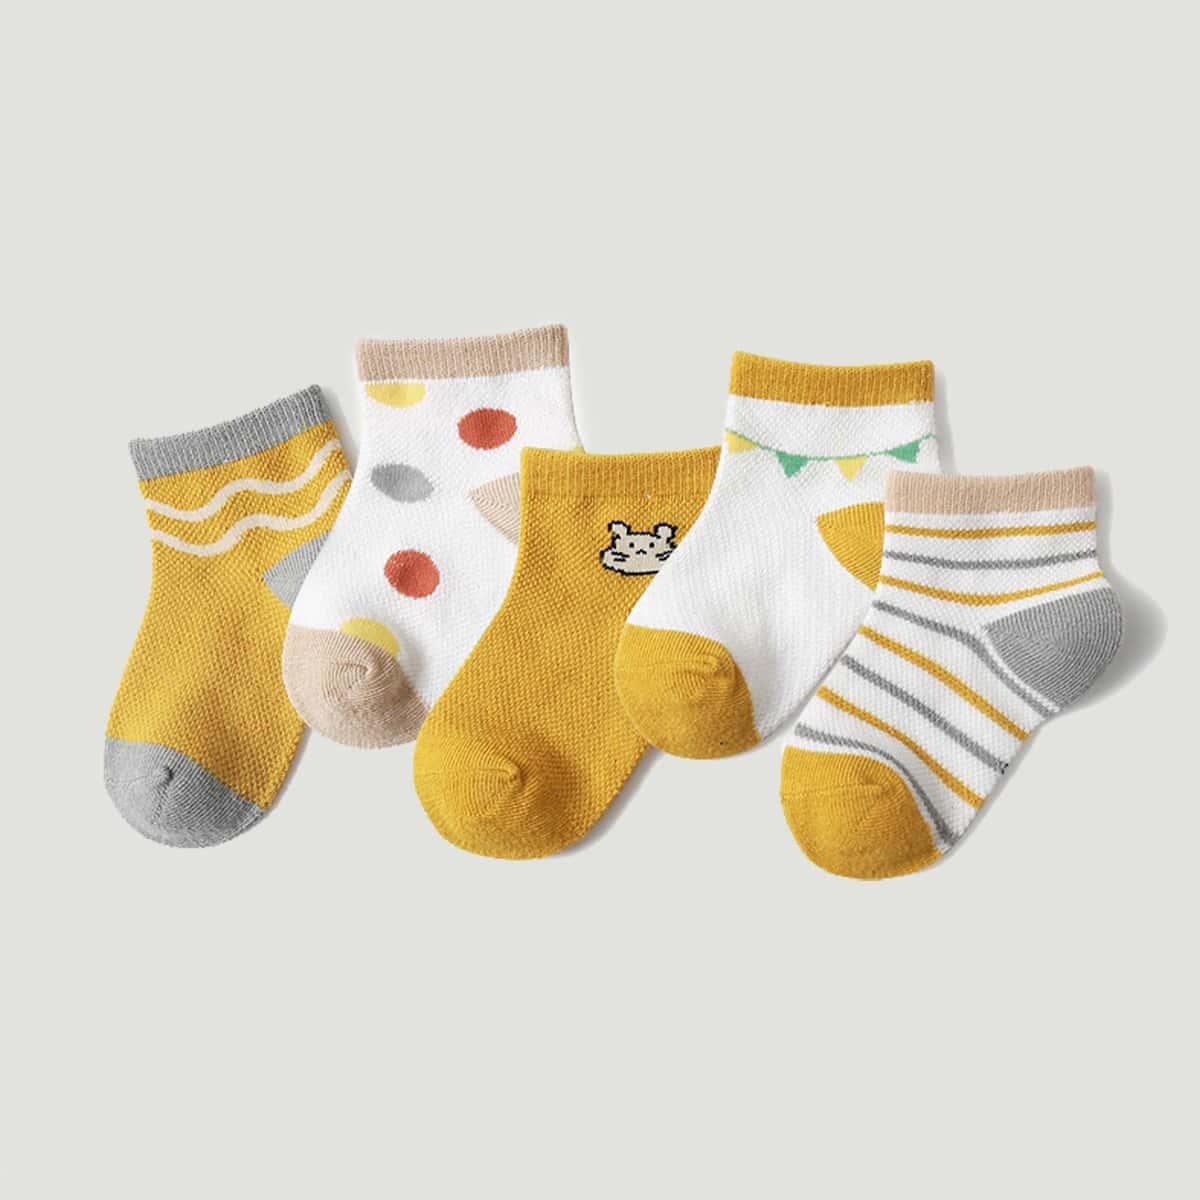 5 пар детские носки с полосатым узором фото